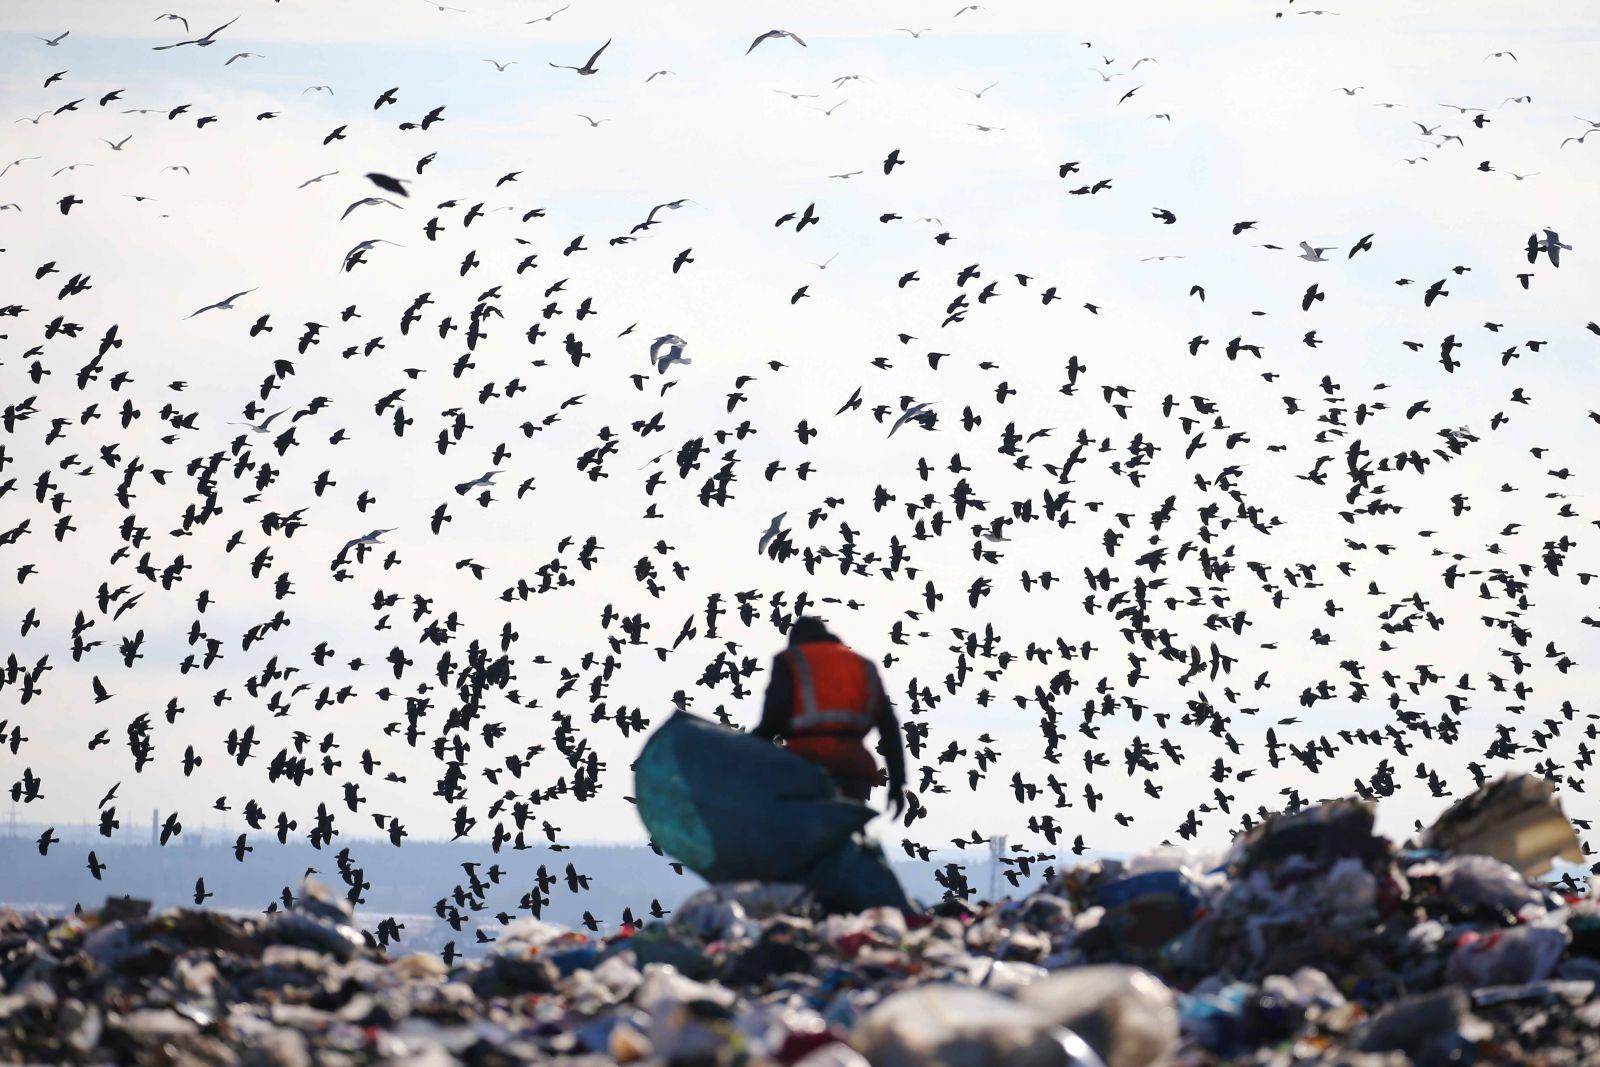 Полигон ТБО «Новый свет - Эко», © Русское географическое общество, Финалист фотоконкурса «Самая красивая страна – 2018»